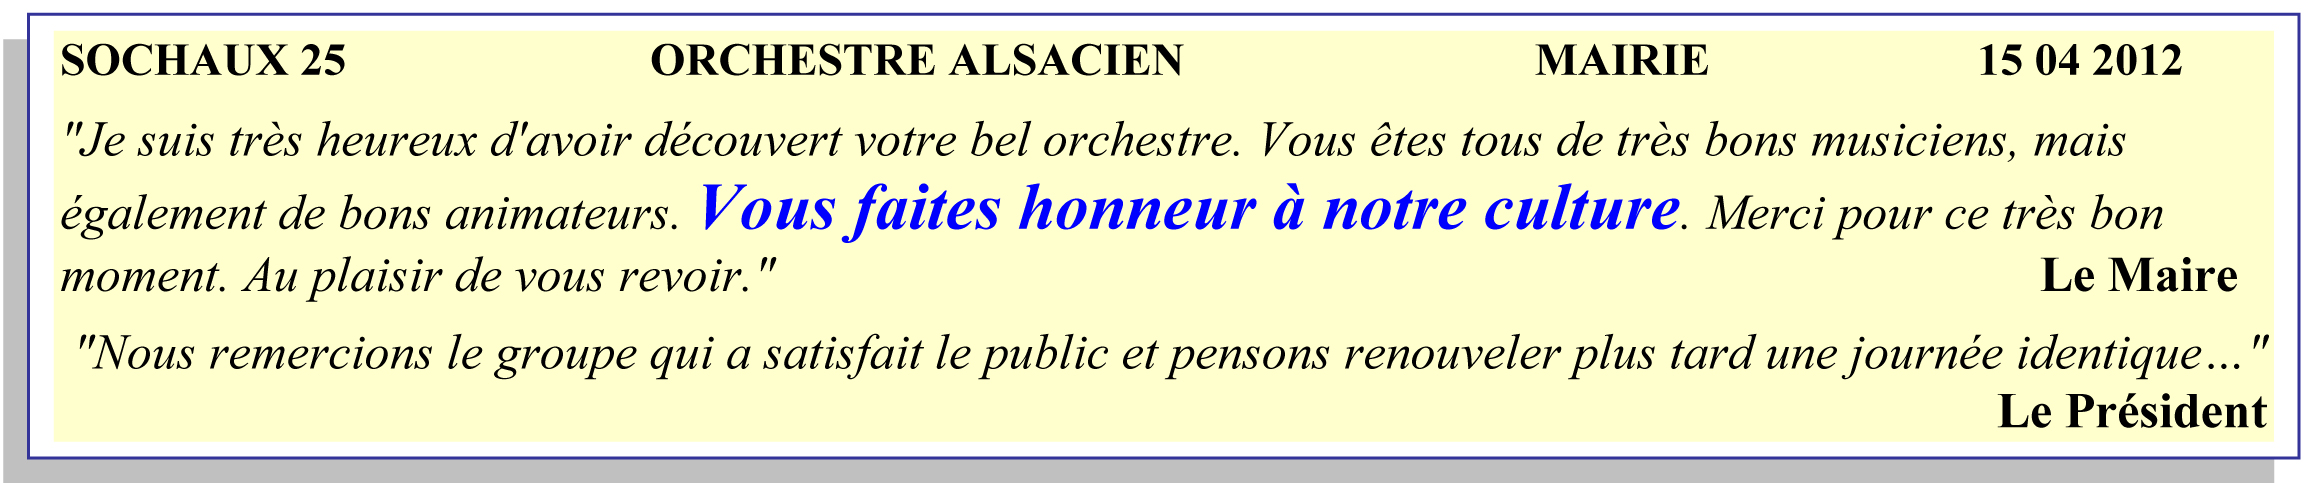 Sochaux - orchestre alsacien